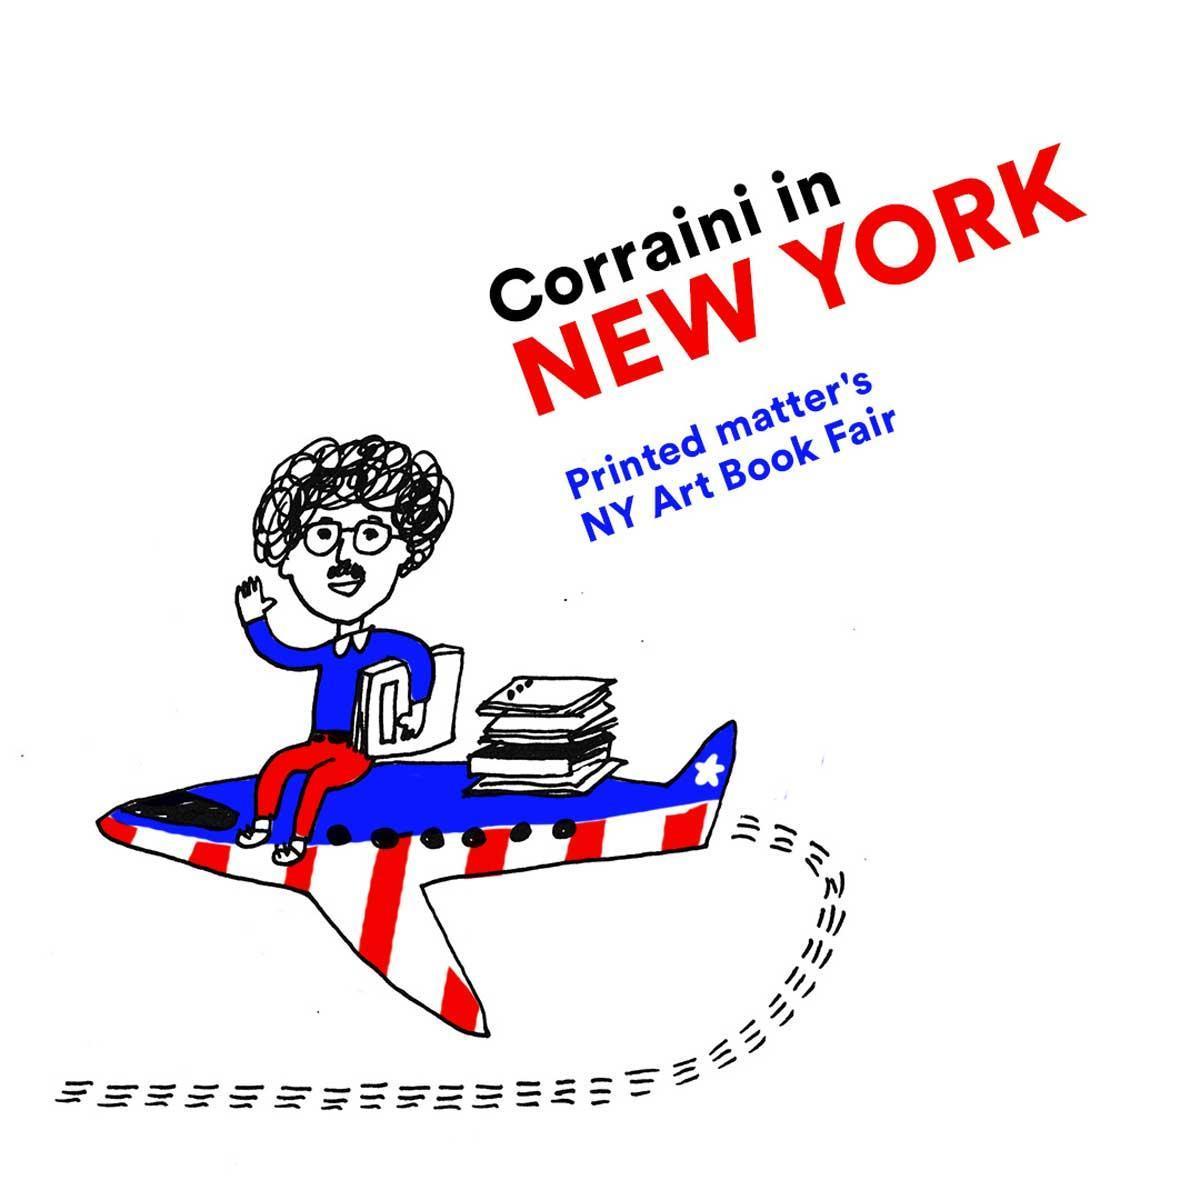 Corraini Edizioni a Printed Matter's NY Art Book Fair 2019